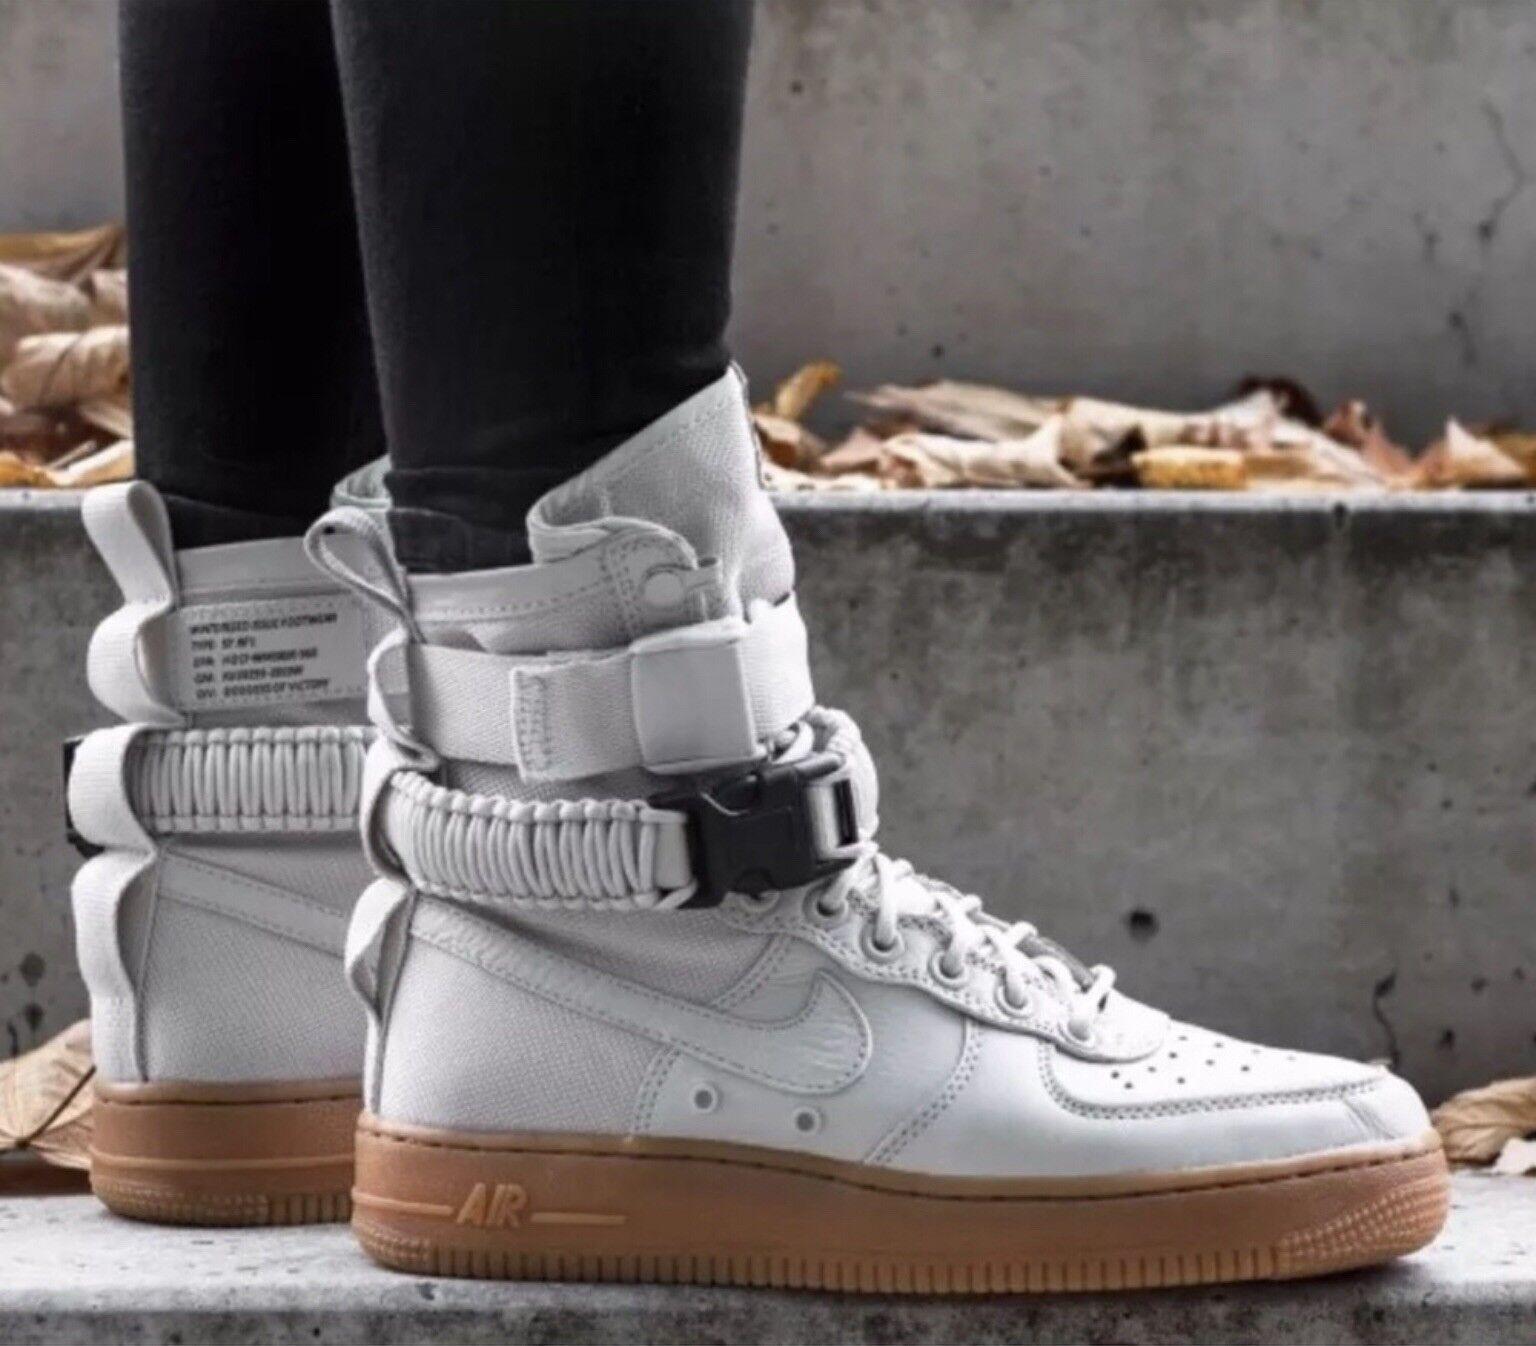 NWT Nike SF AF1 scarpe da  ginnastica stivali Light Bone 35557872004, Sz 10.5 Donne  la migliore selezione di